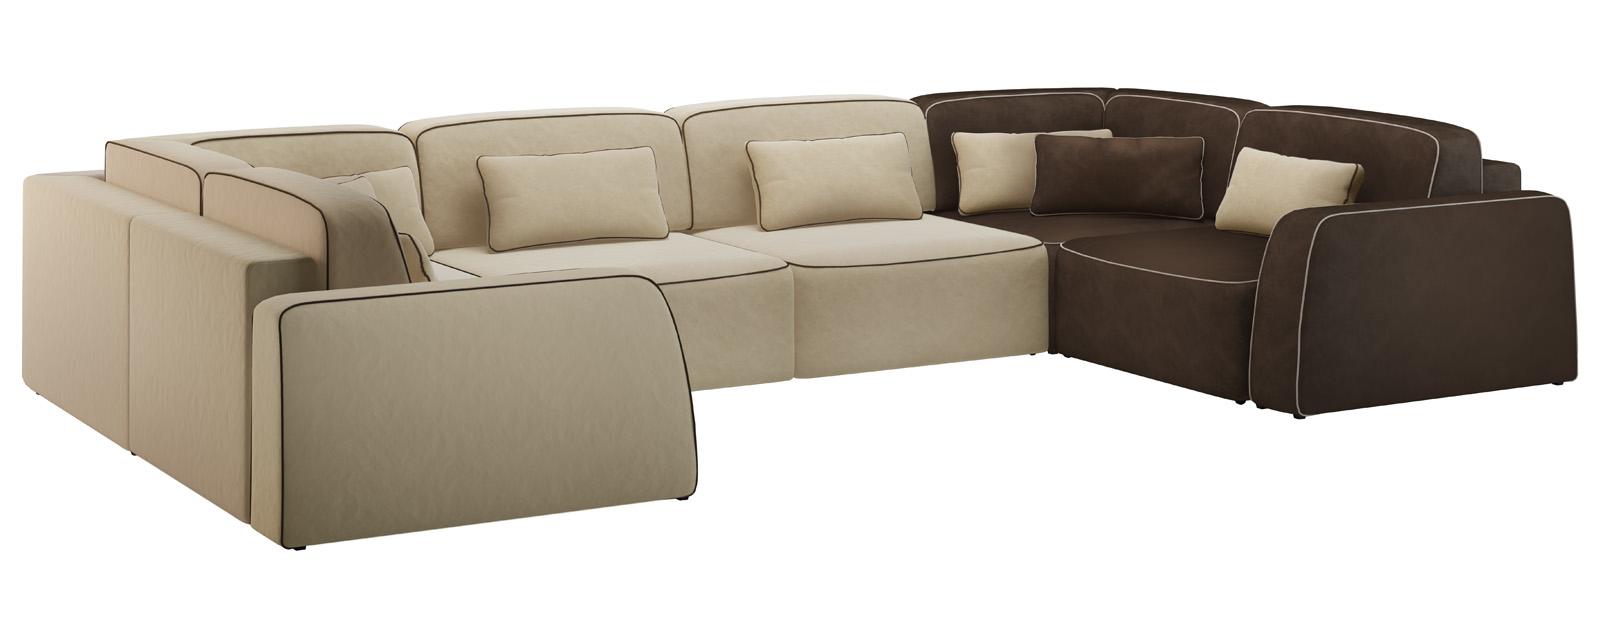 Модульный диван Портленд П-образный Вариант №1 Velure бежевый/темно-коричневый (Велюр)